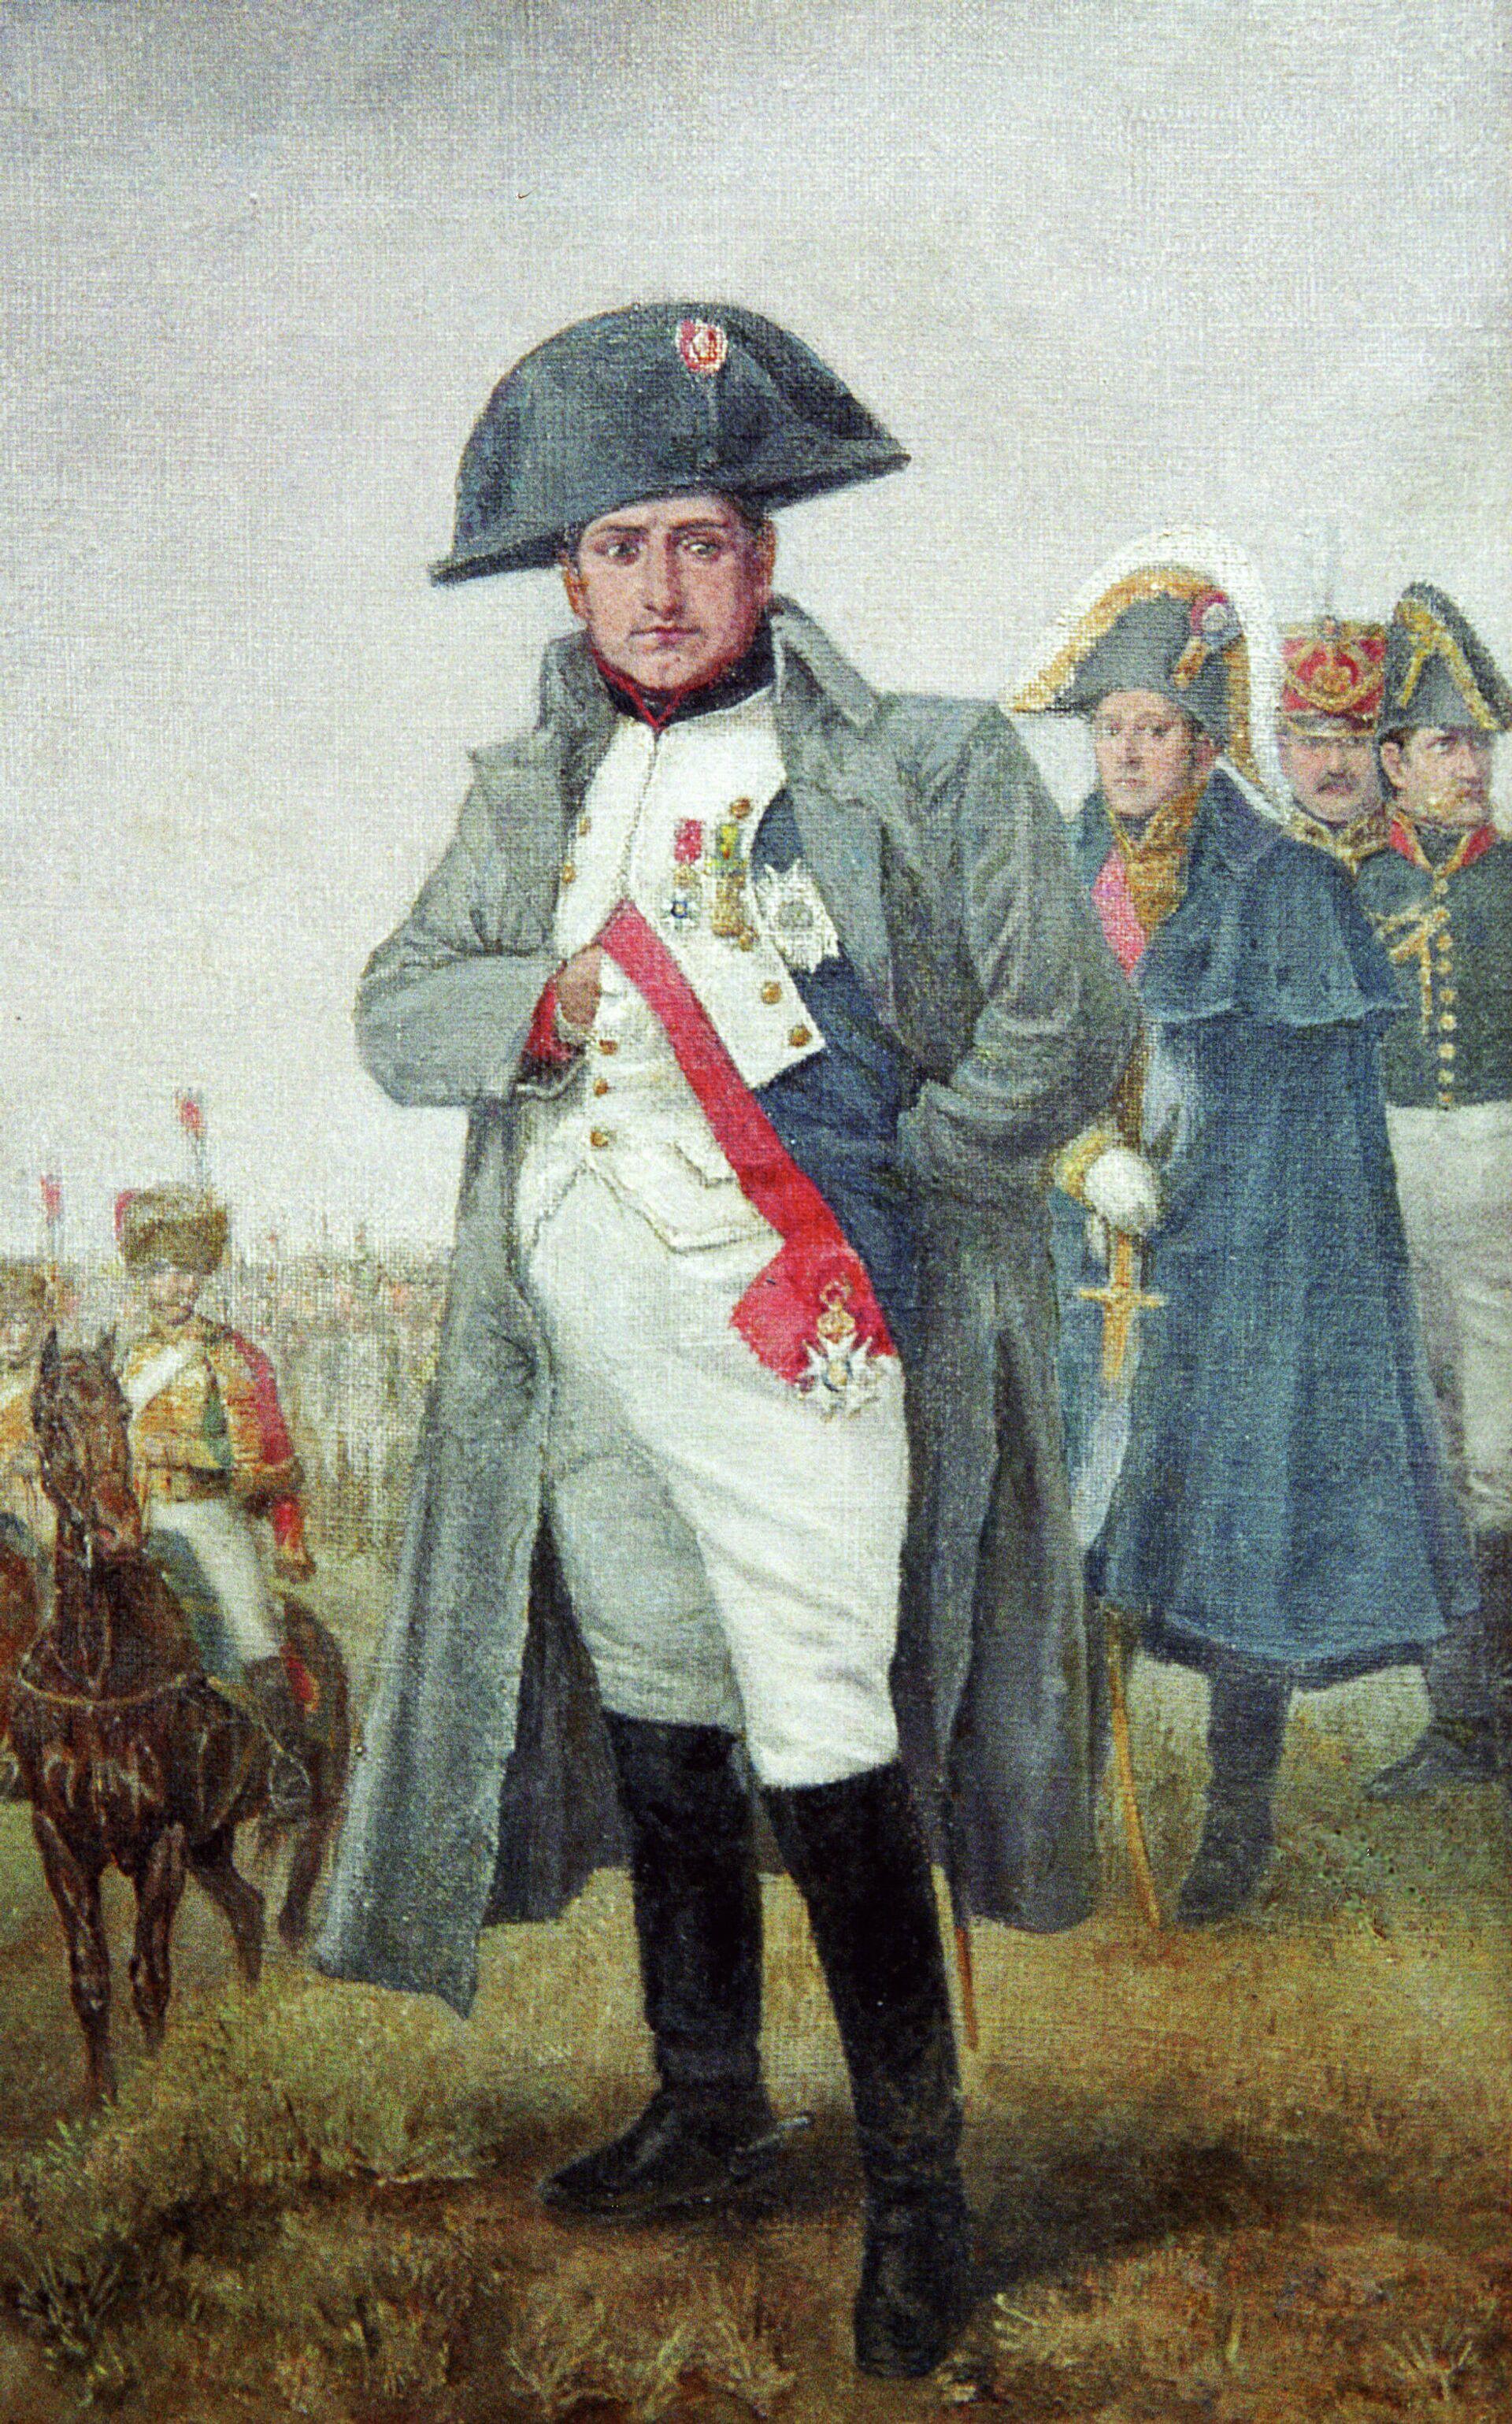 Репродукция портрета Наполеона, написанного неизвестным художником в конце XIX века - РИА Новости, 1920, 30.05.2021